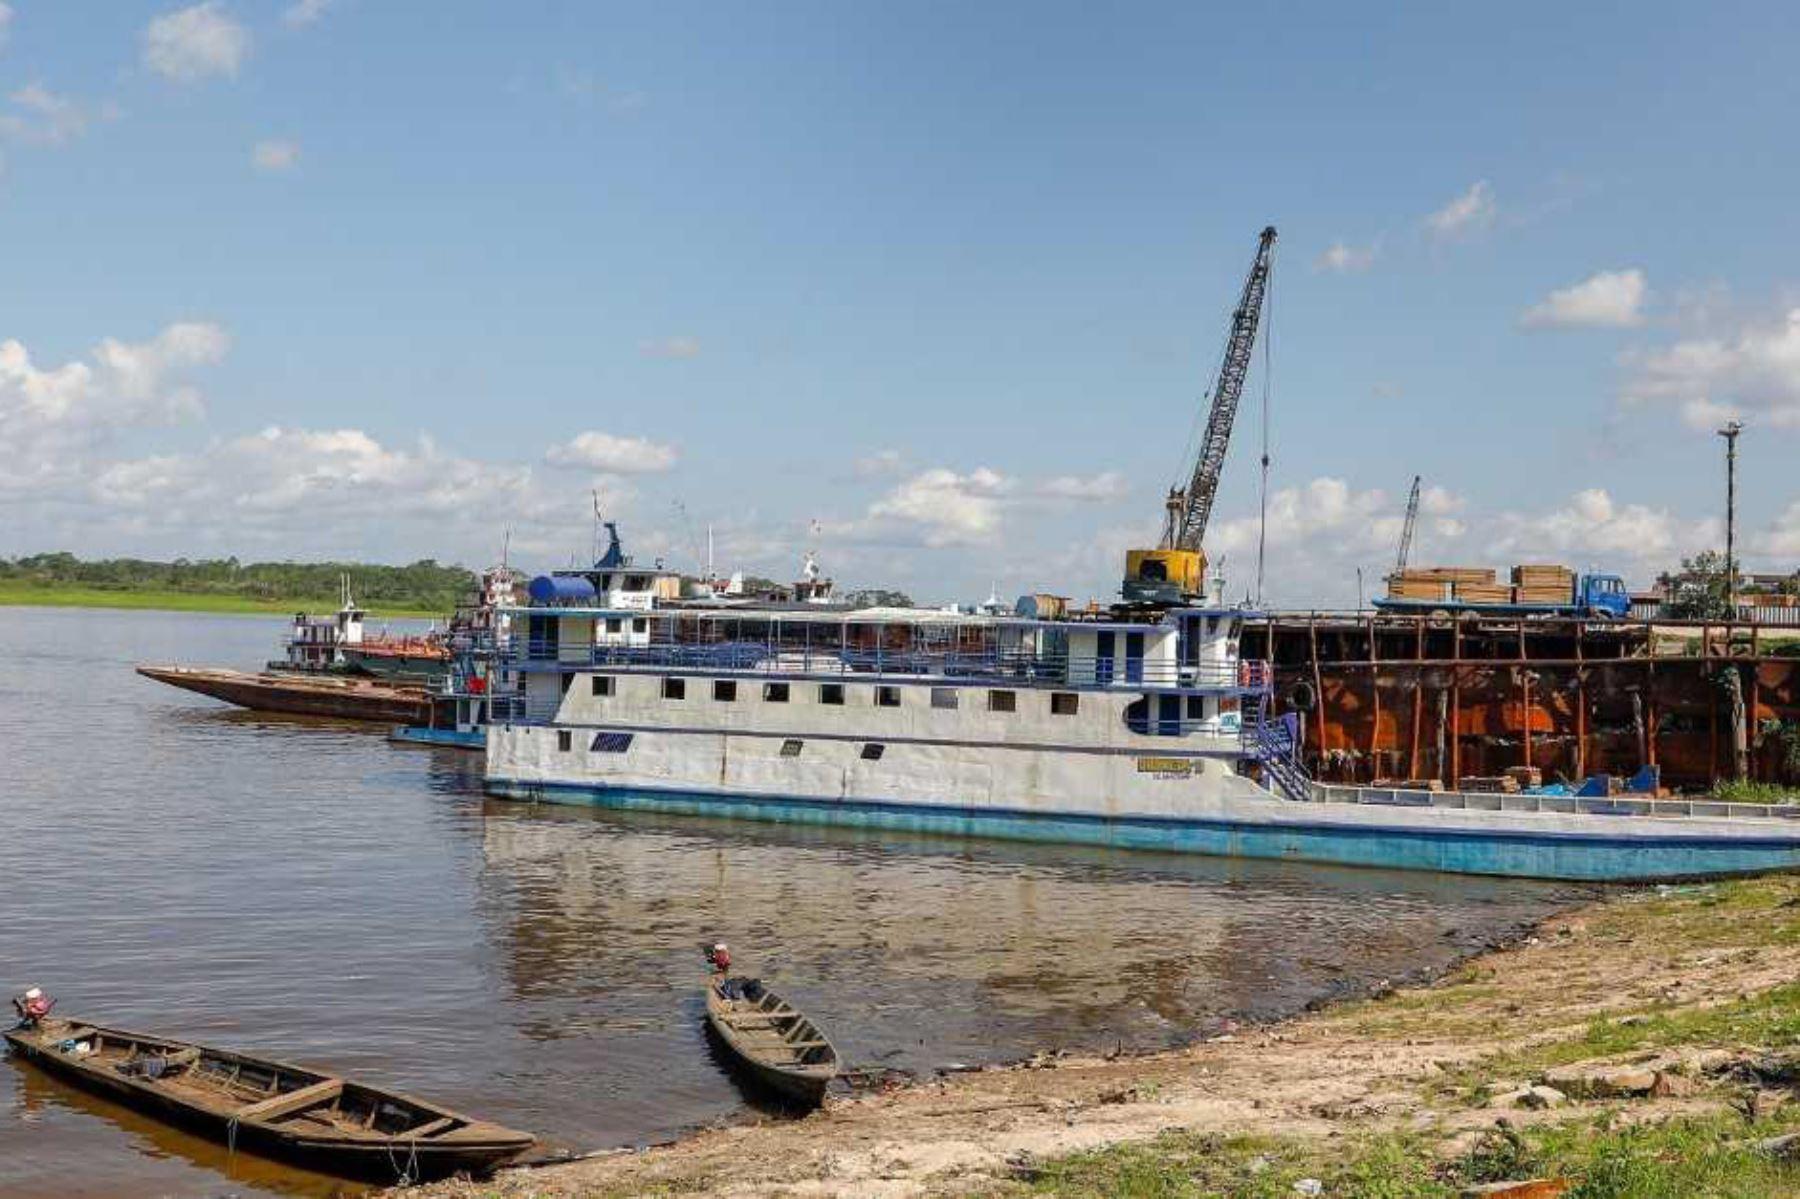 El Organismo Nacional de Sanidad Pesquera (Sanipes) del Ministerio de la Producción, a través de su Oficina Desconcentrada en Iquitos continúa con el ordenamiento sanitario del desembarque y comercialización de productos hidrobiológicos, en el Desembarcadero Pesquero Artesanal La Punchana.